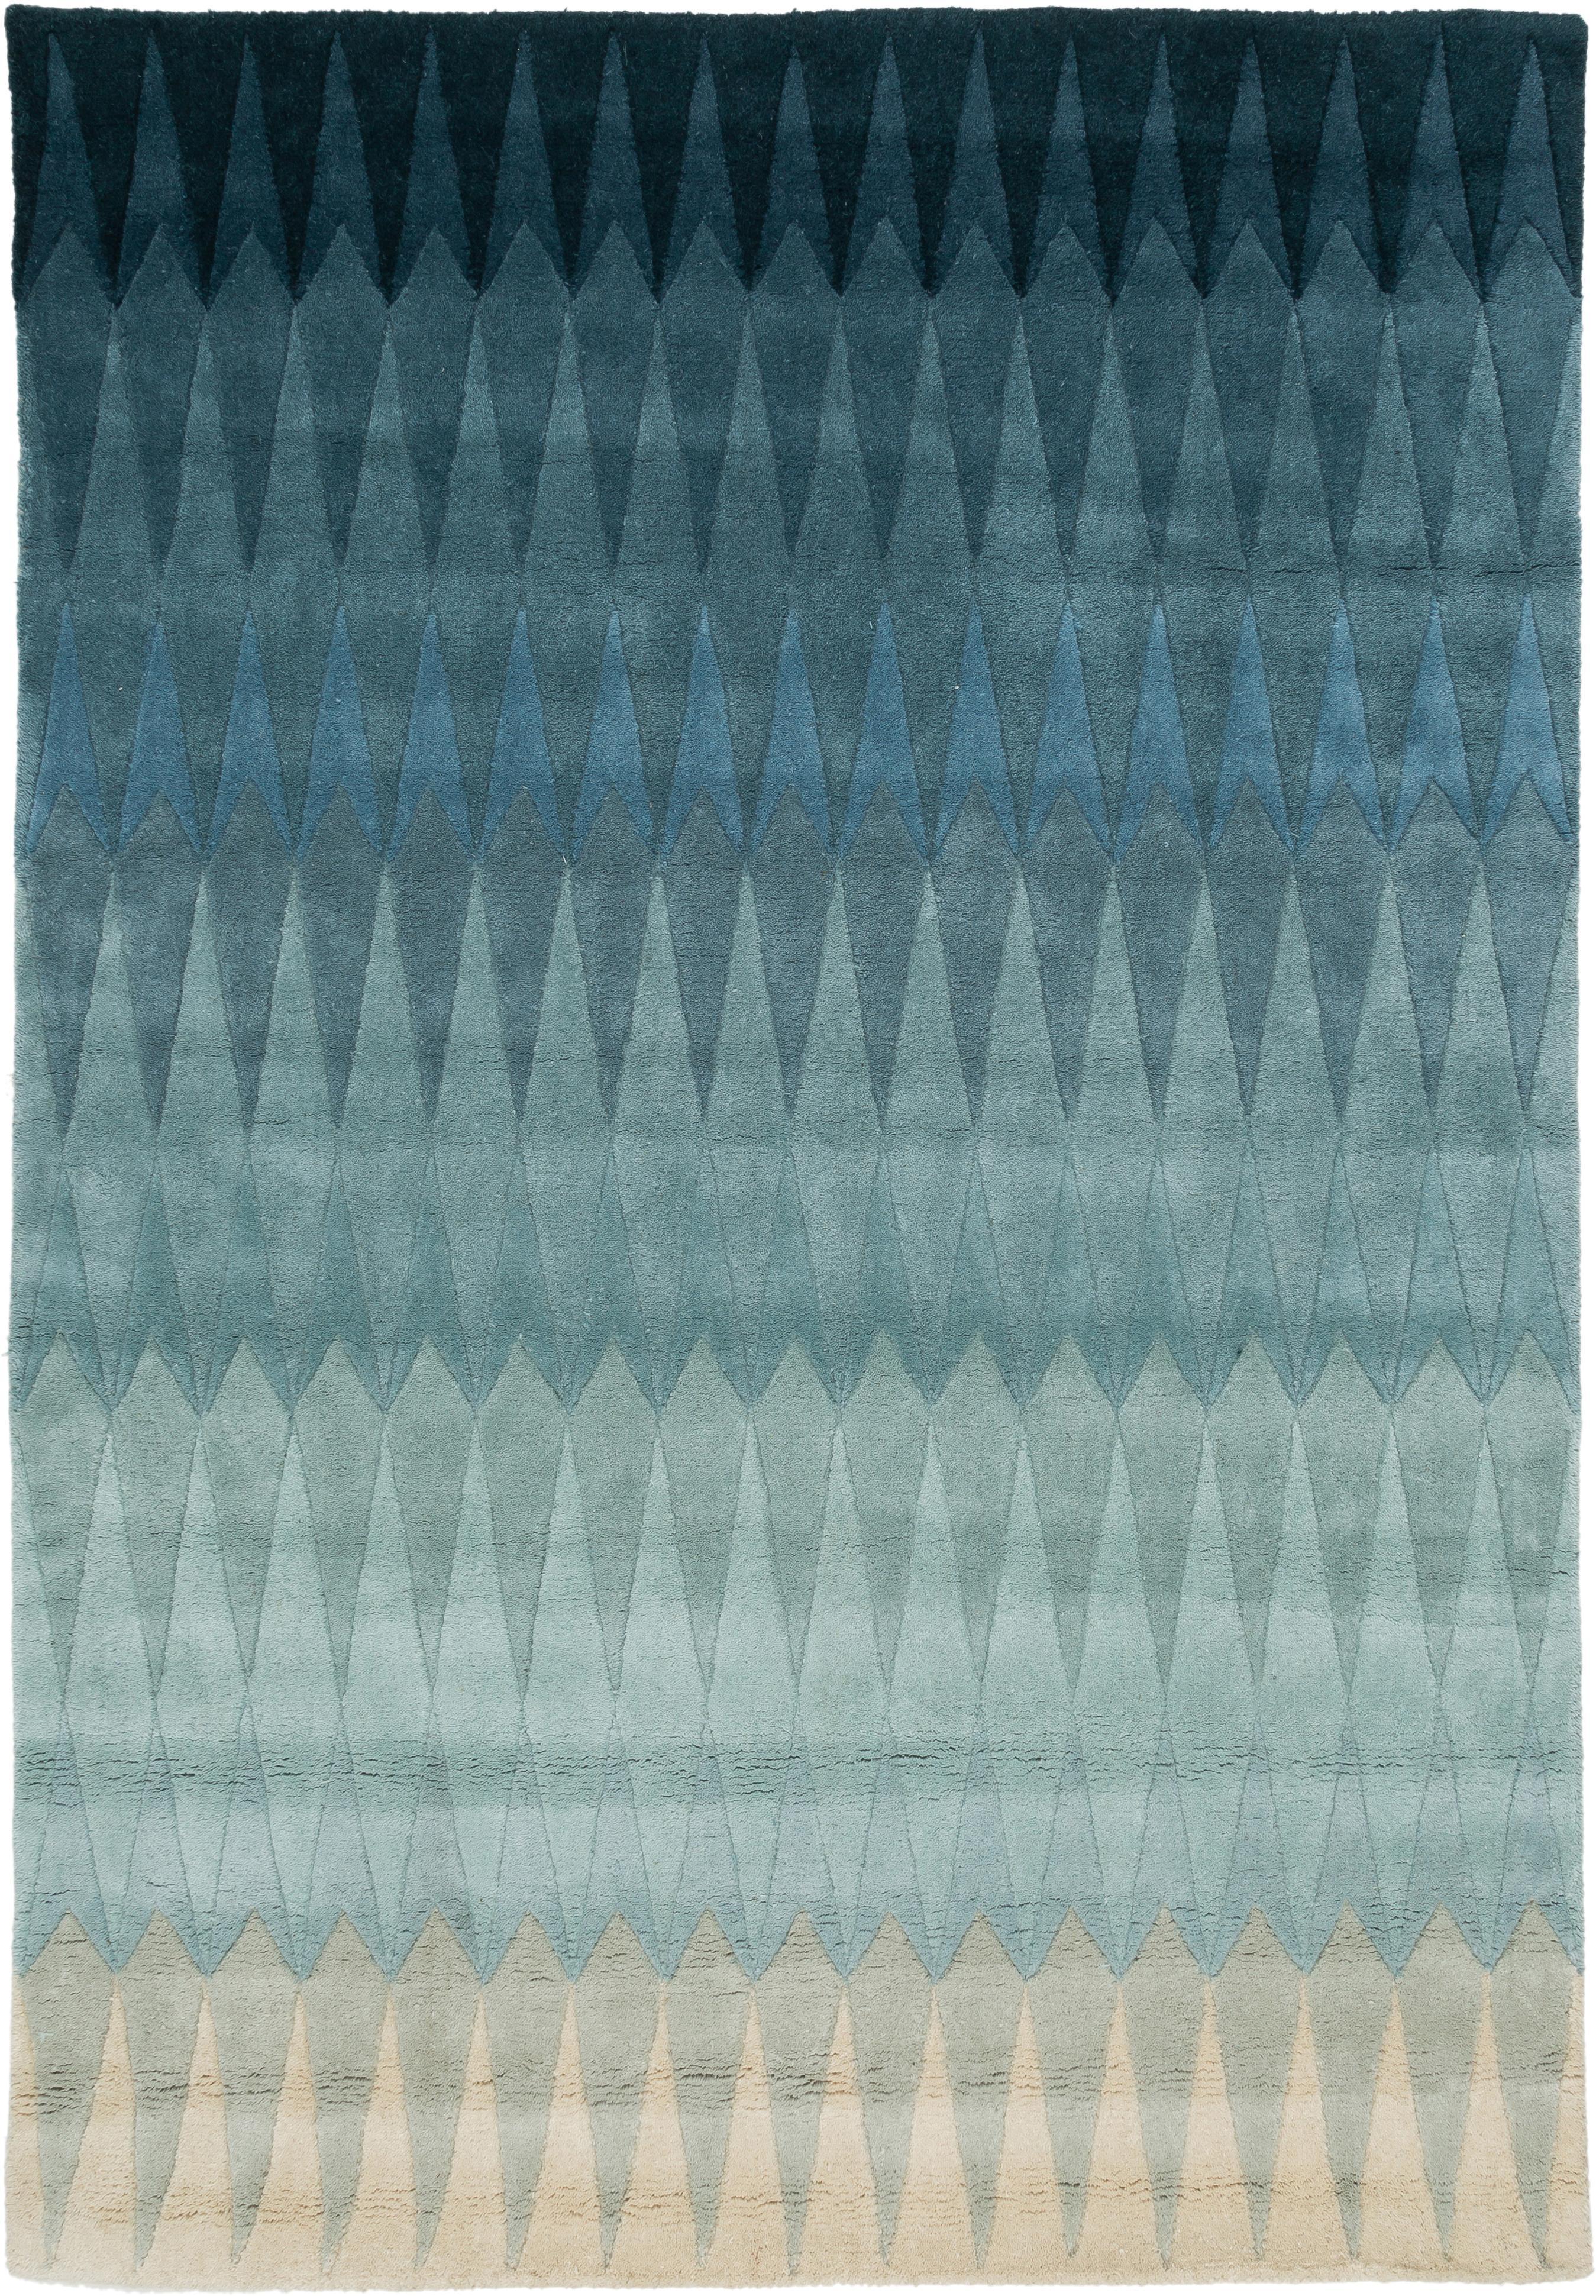 Handgetufteter Designteppich Acacia mit Farbverlauf in Blau, Flor: 100% Wolle, Blautöne, Beigetöne, B 140 x L 200 cm (Größe S)